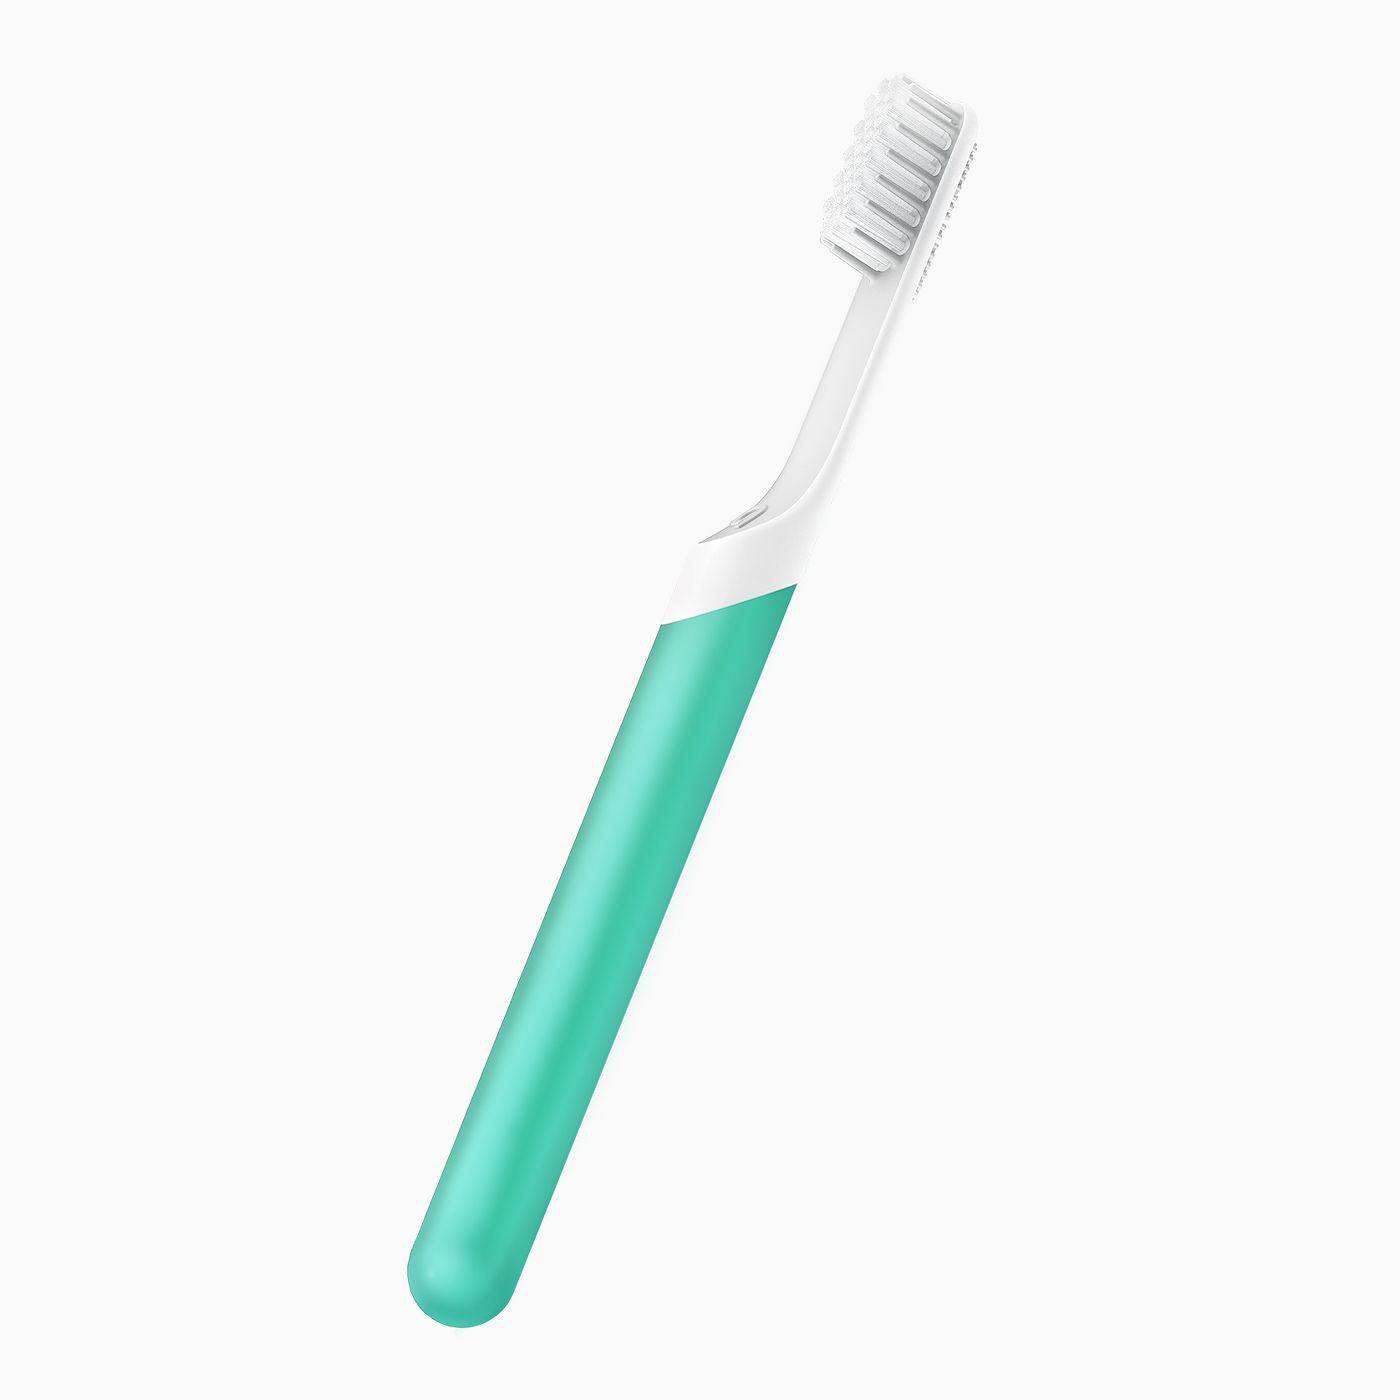 Quip Plastic Electric Toothbrush